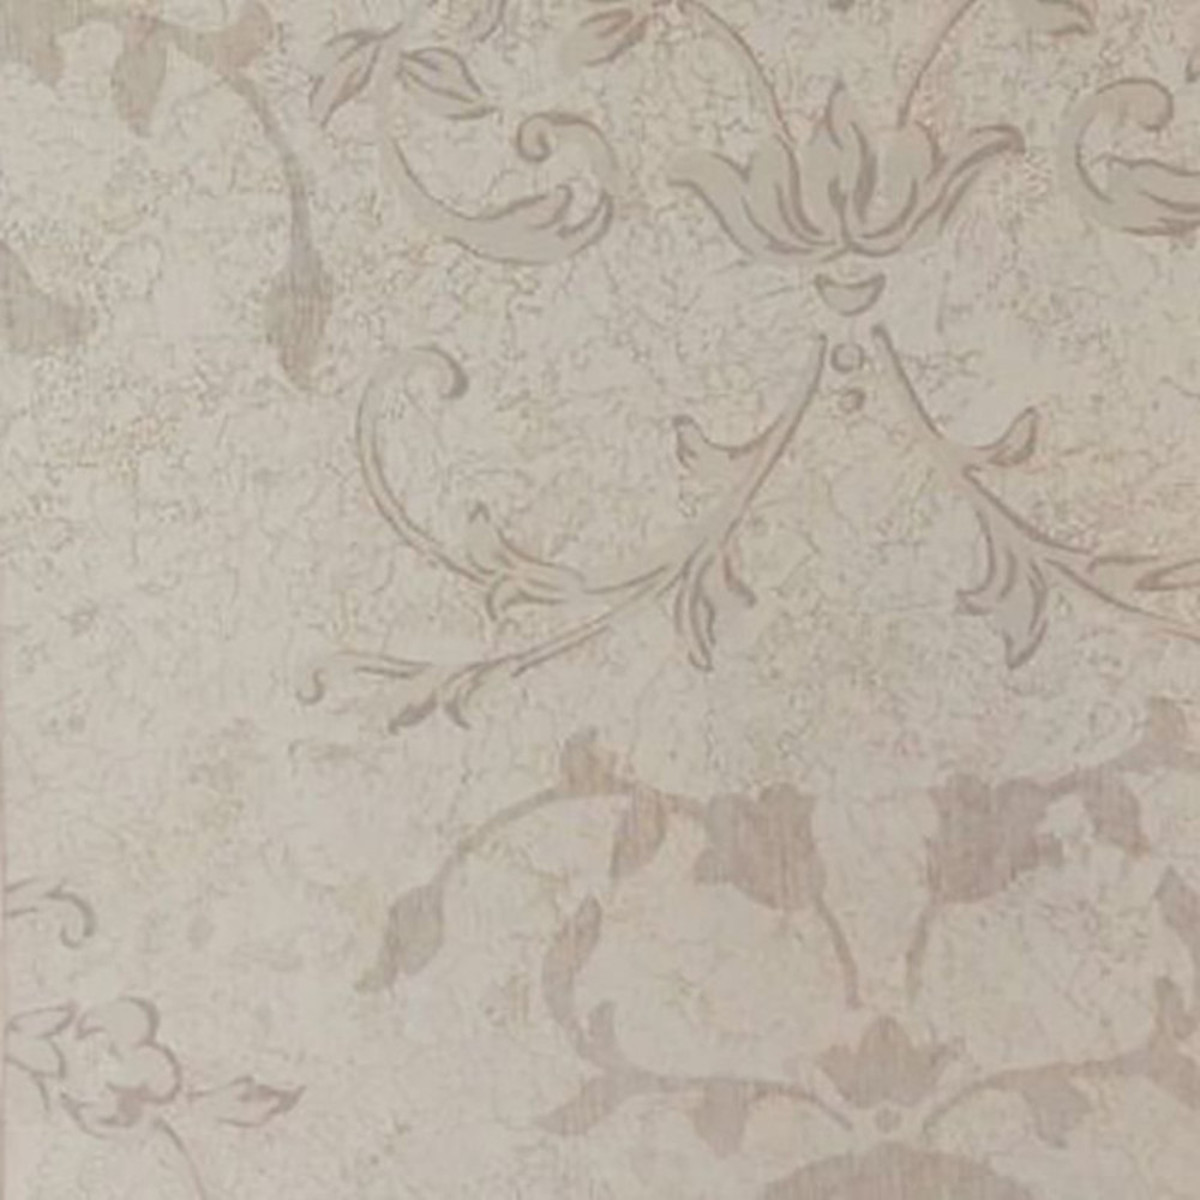 Обои текстильные Rasch Selected бежевые 0.53 м 79561